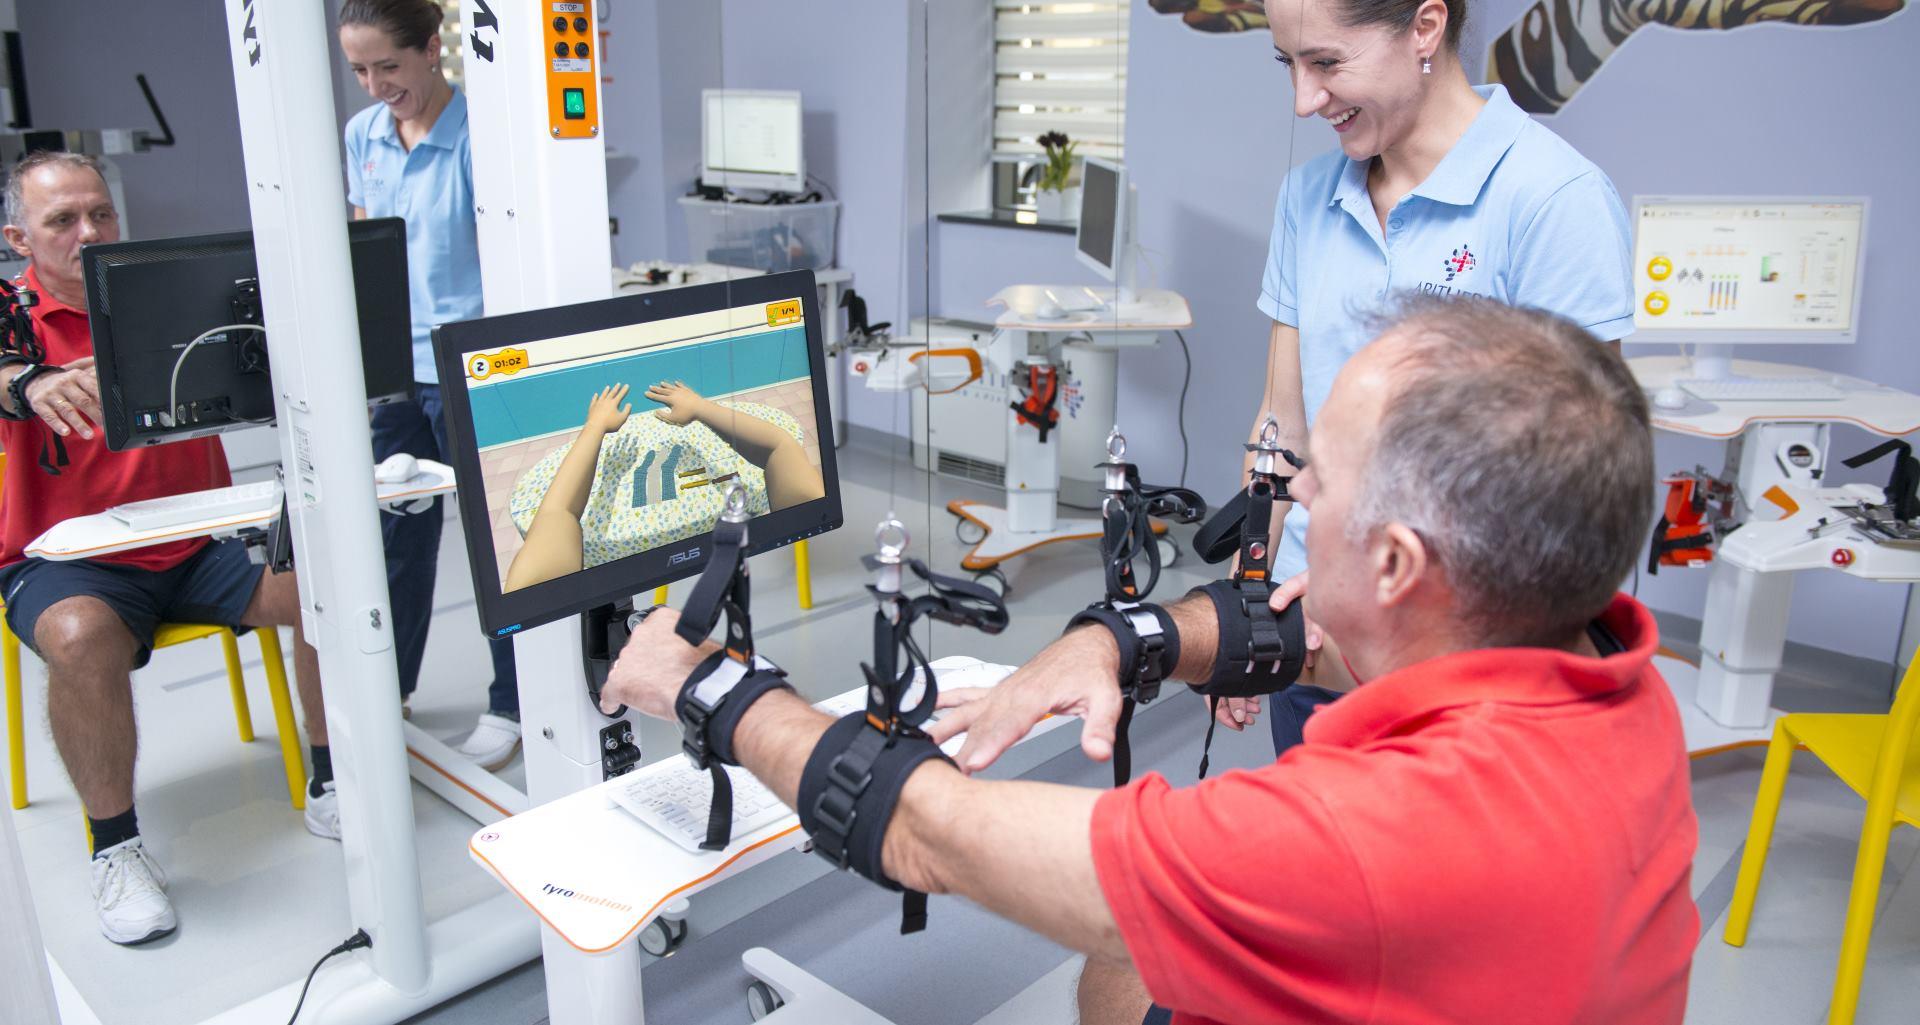 Europski program za daljnji razvoj robotike u medicini